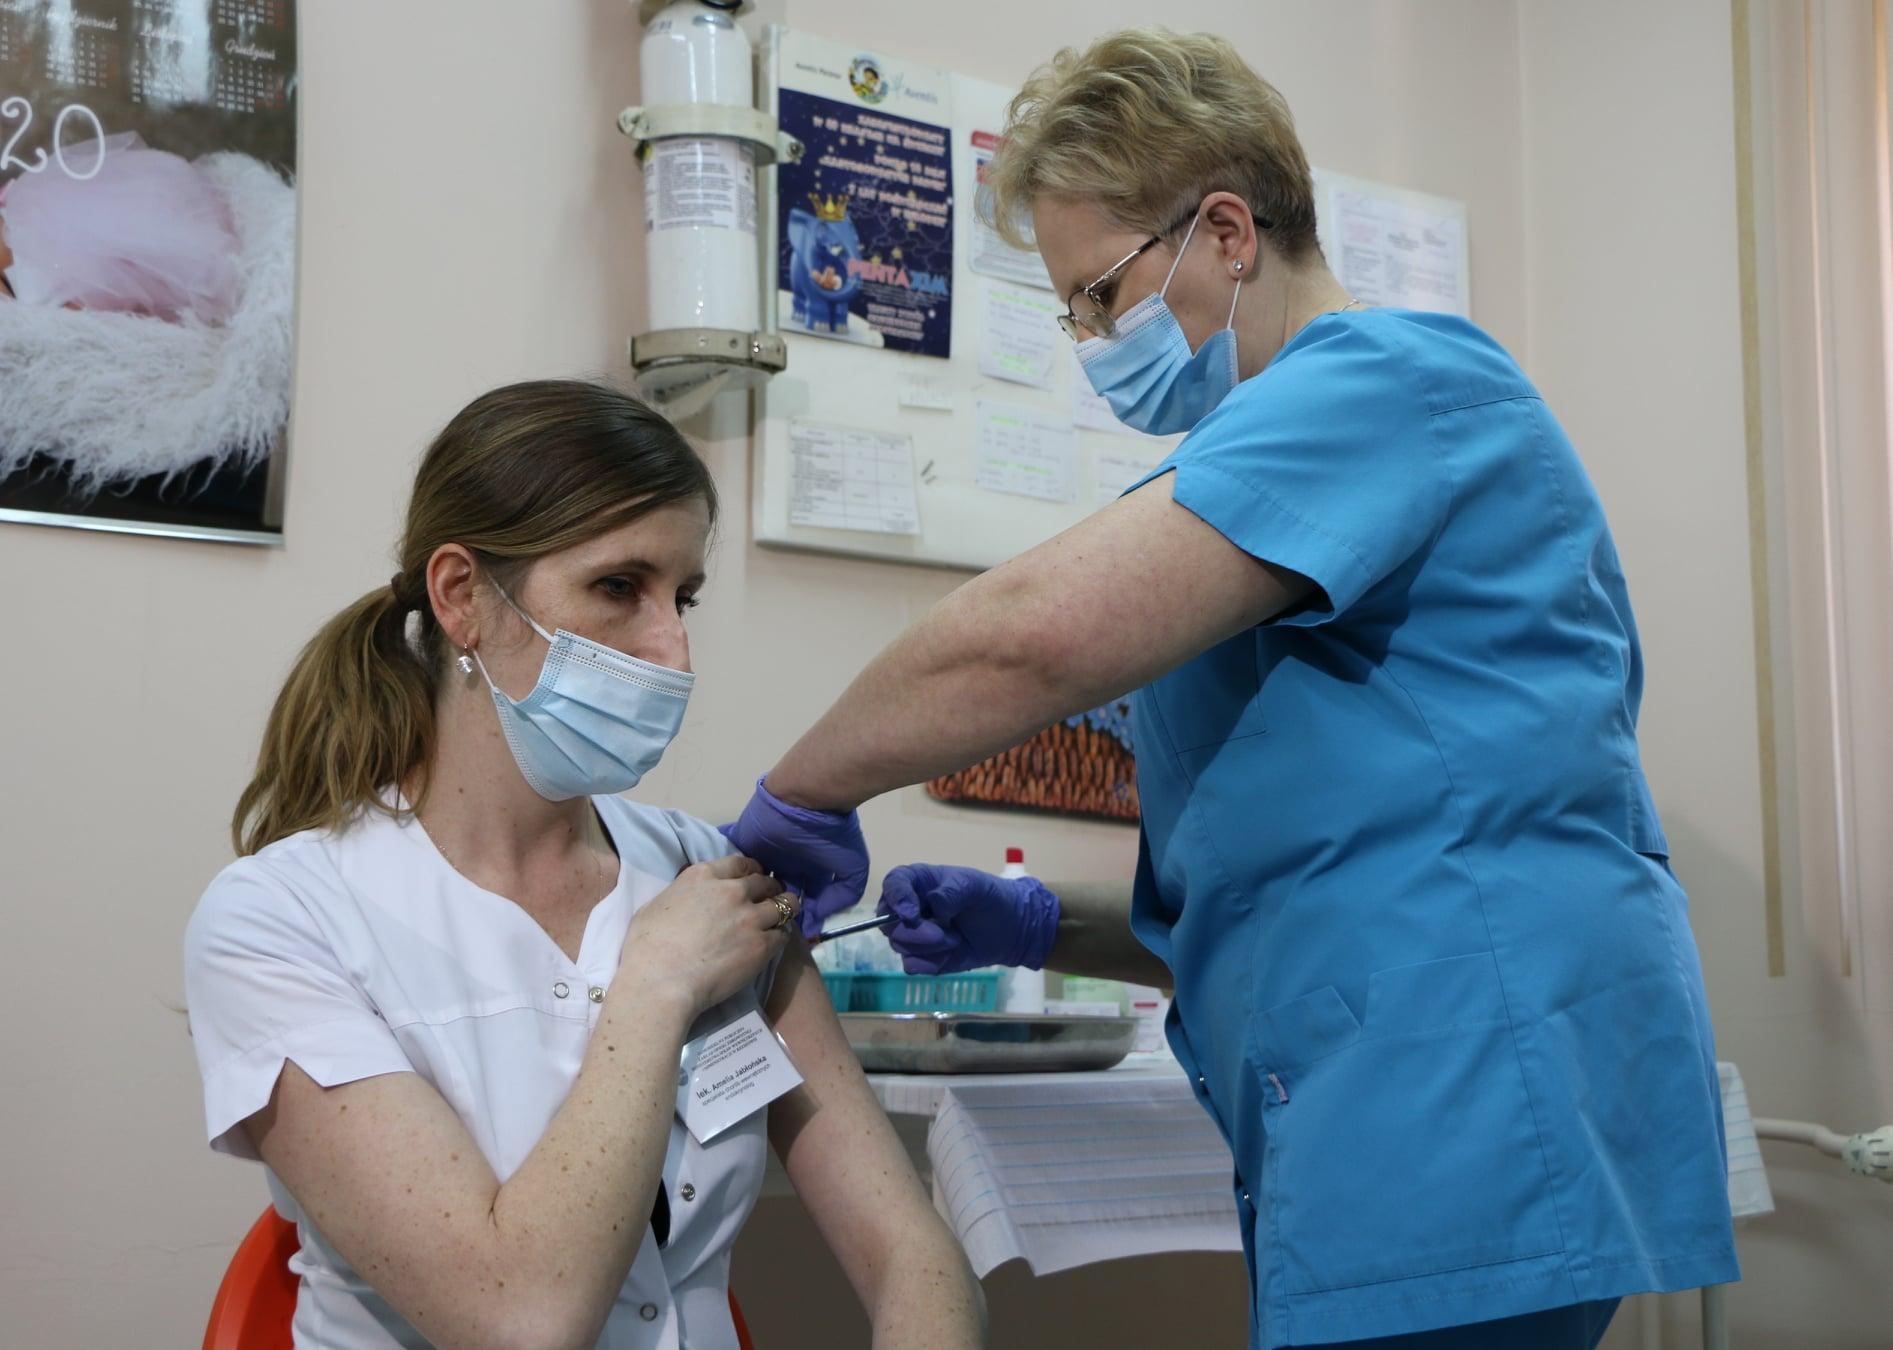 To początek trzeciej fali zakażeń koronawirusem! Co dalej z akcją szczepień? - Zdjęcie główne